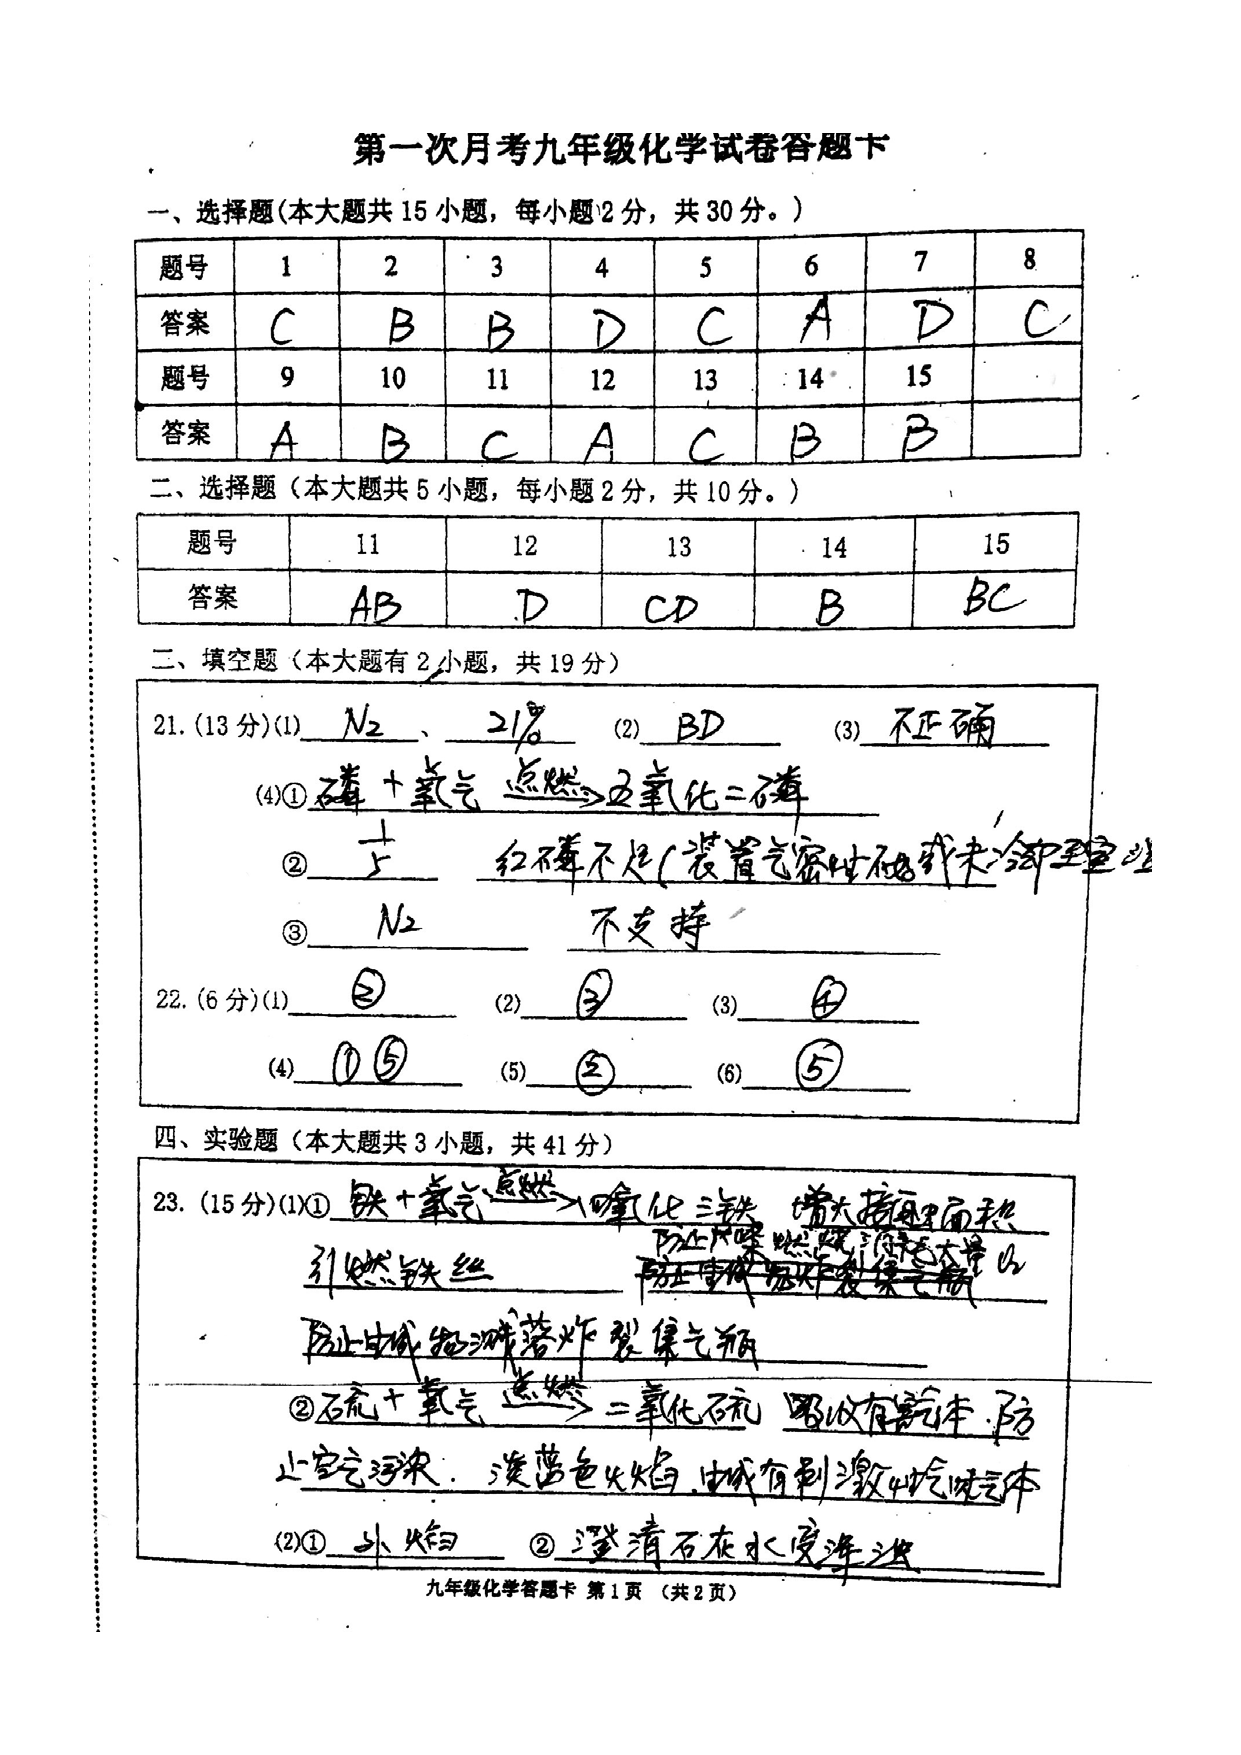 北京顺义国际学校2017-2018九年级第一学期第一次月考化学试卷答案(图片版)